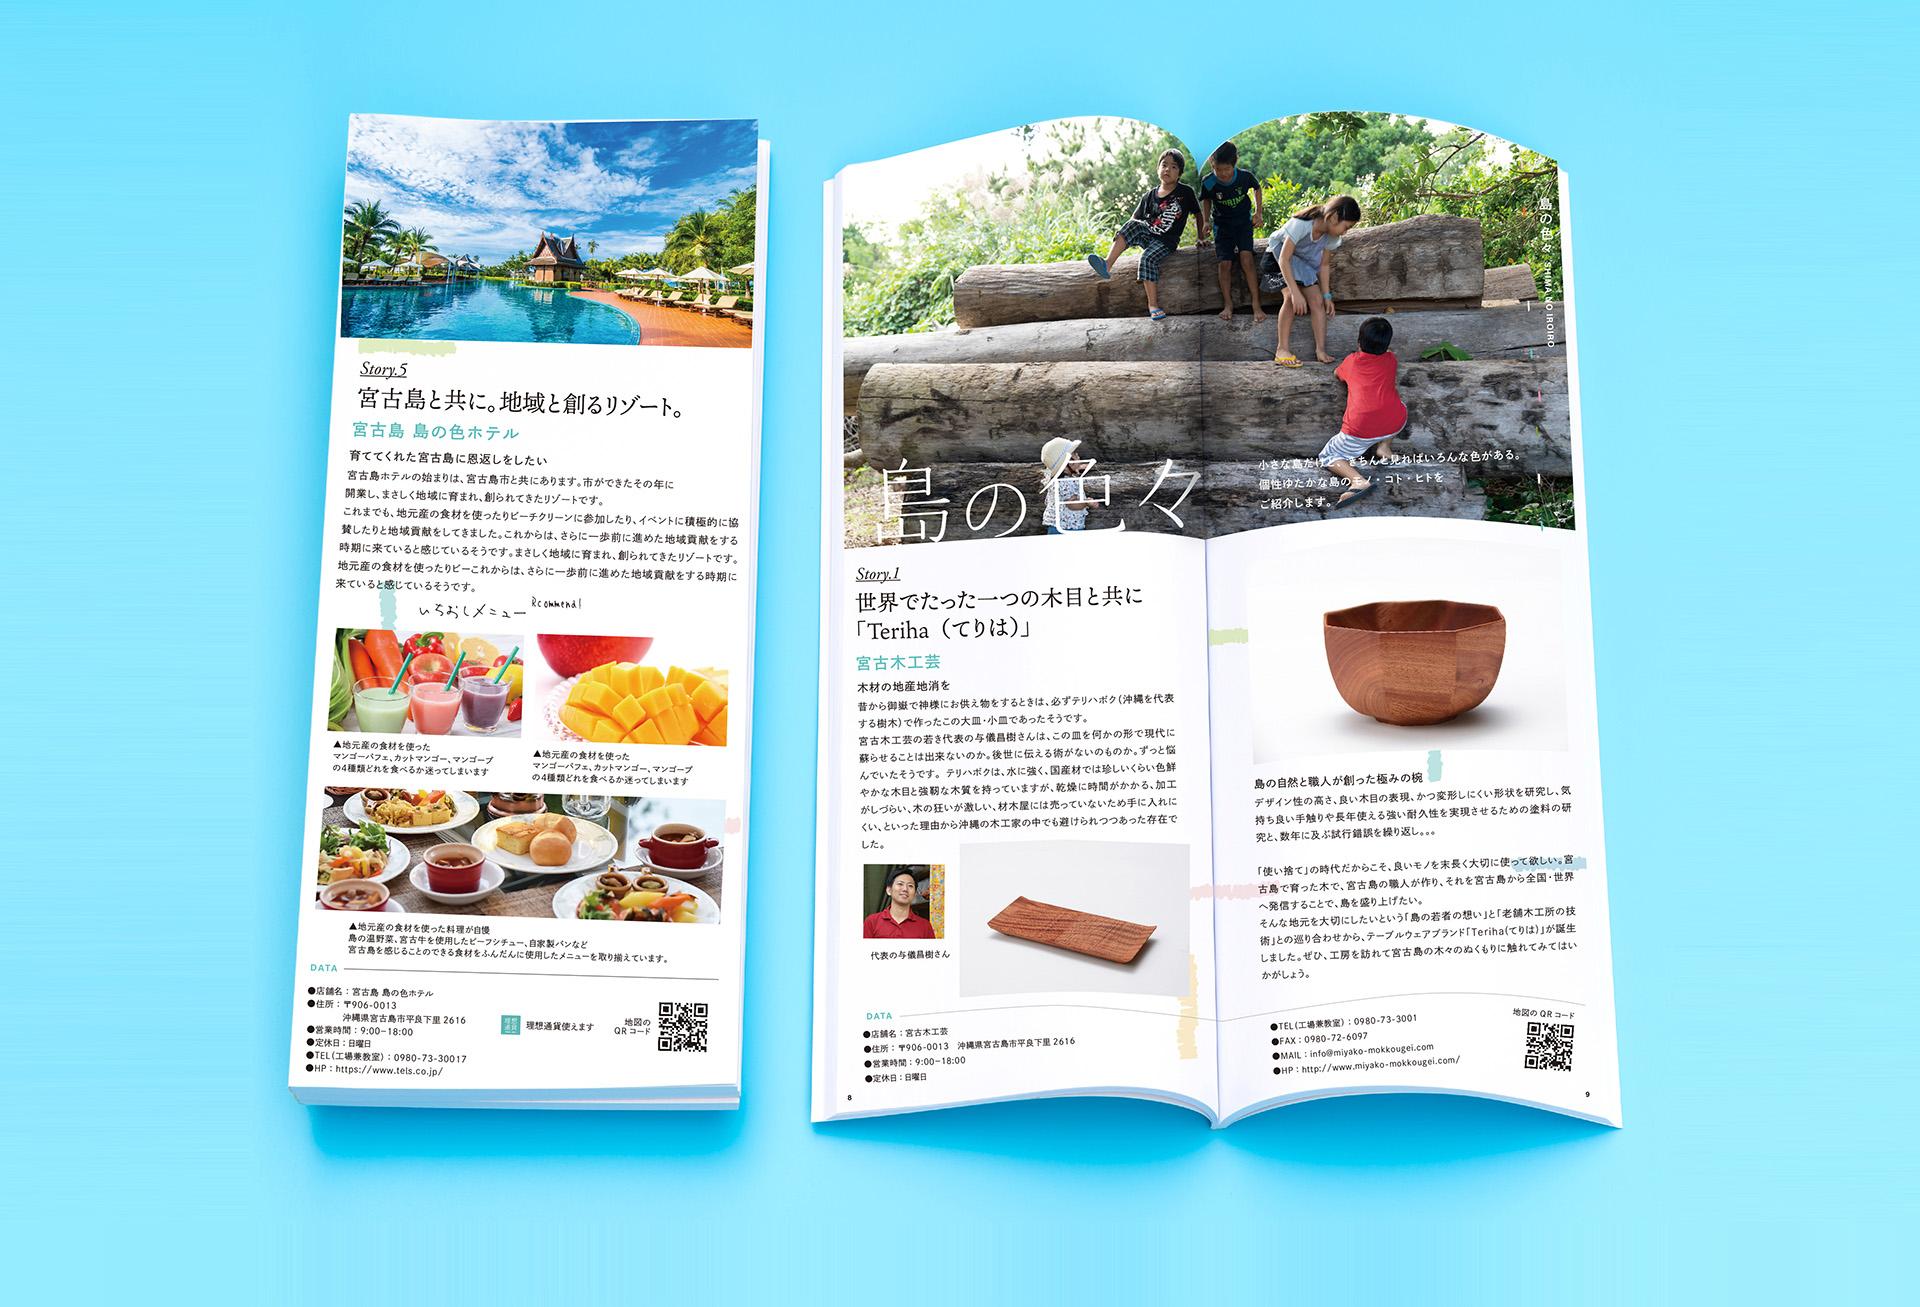 エコ目線で島のモノ・コト・ヒトを発信する新しい島雑誌、「島の色」創刊します。